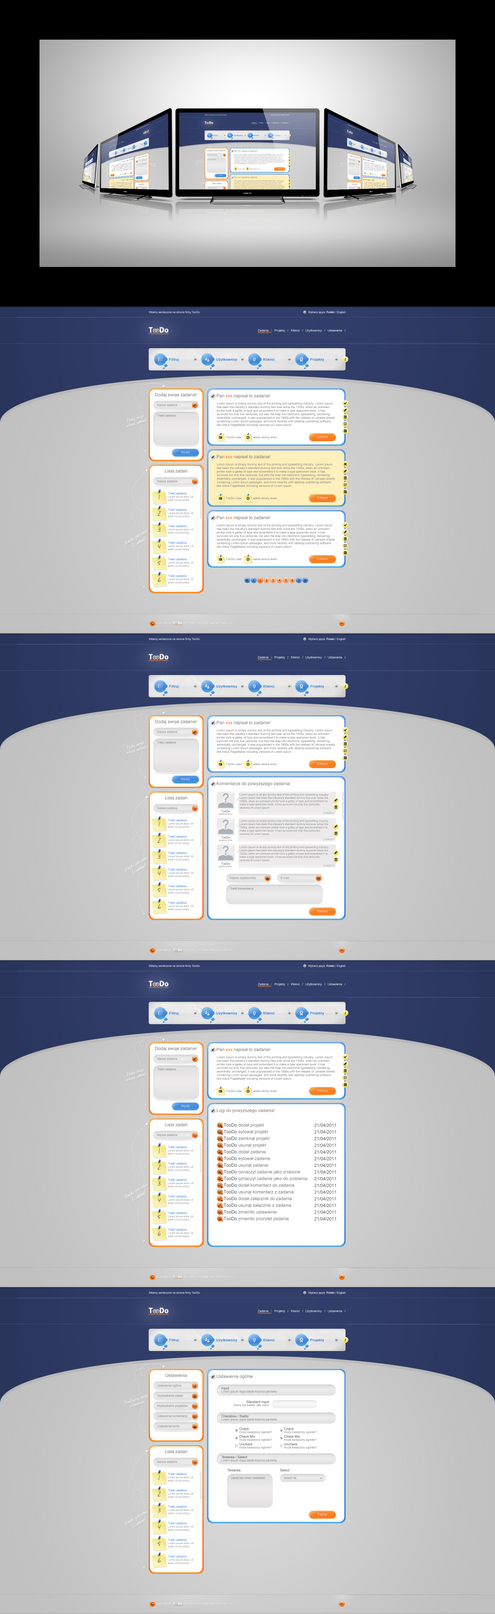 TooDo - aplikacja internetowa by damianchmiel